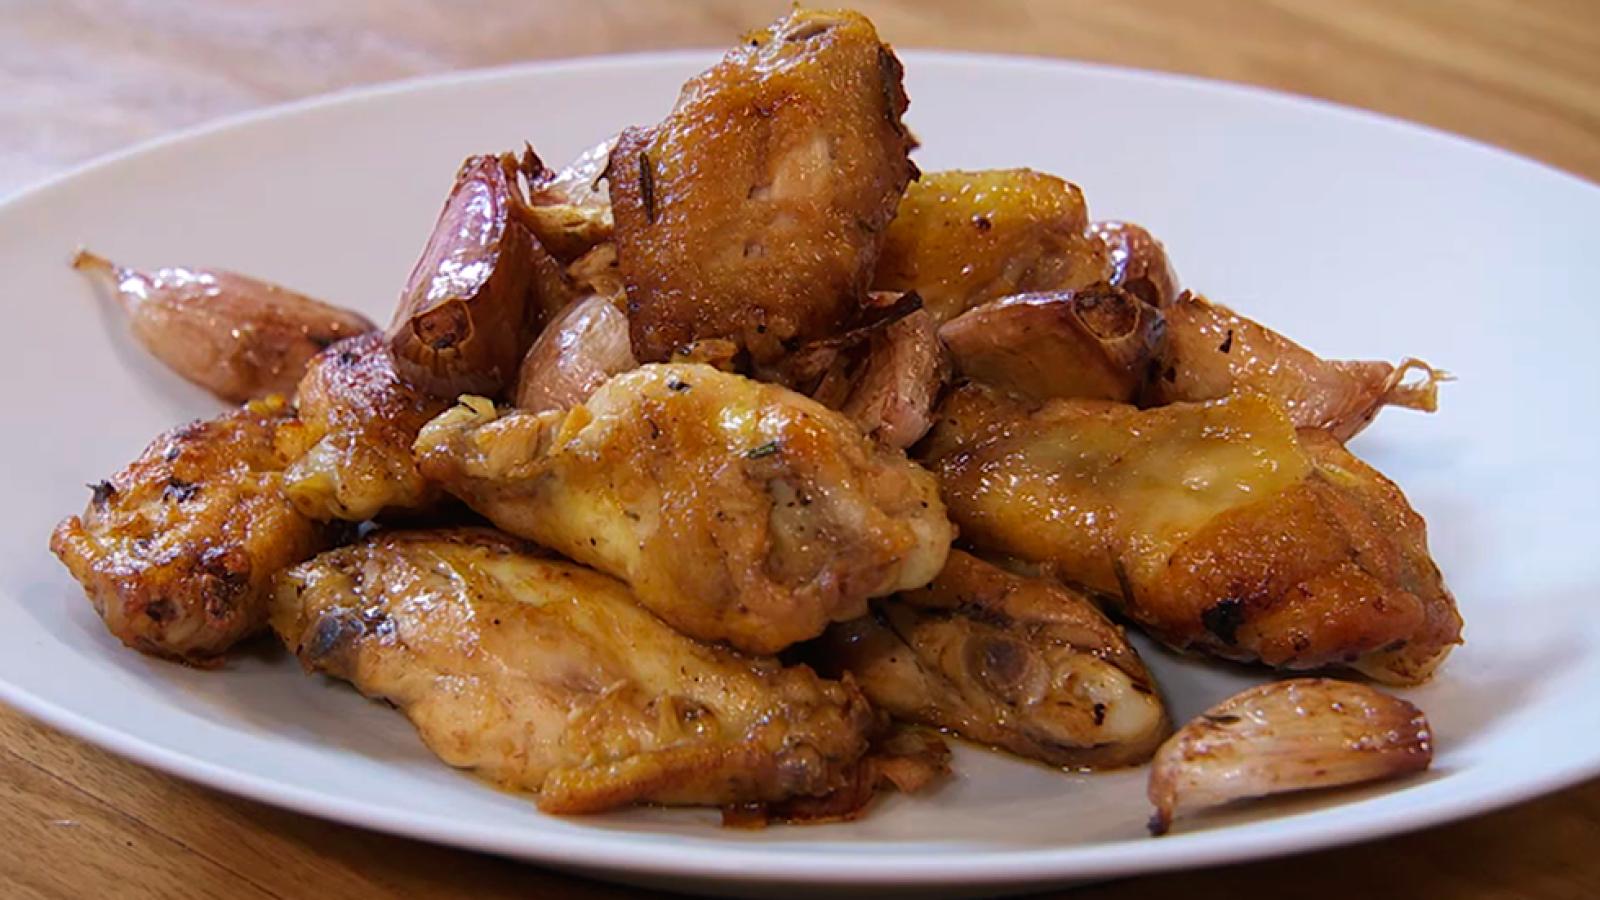 Receta De Alitas De Pollo A Los 100 Ajos - Recetas-de-cocina-con-pollo